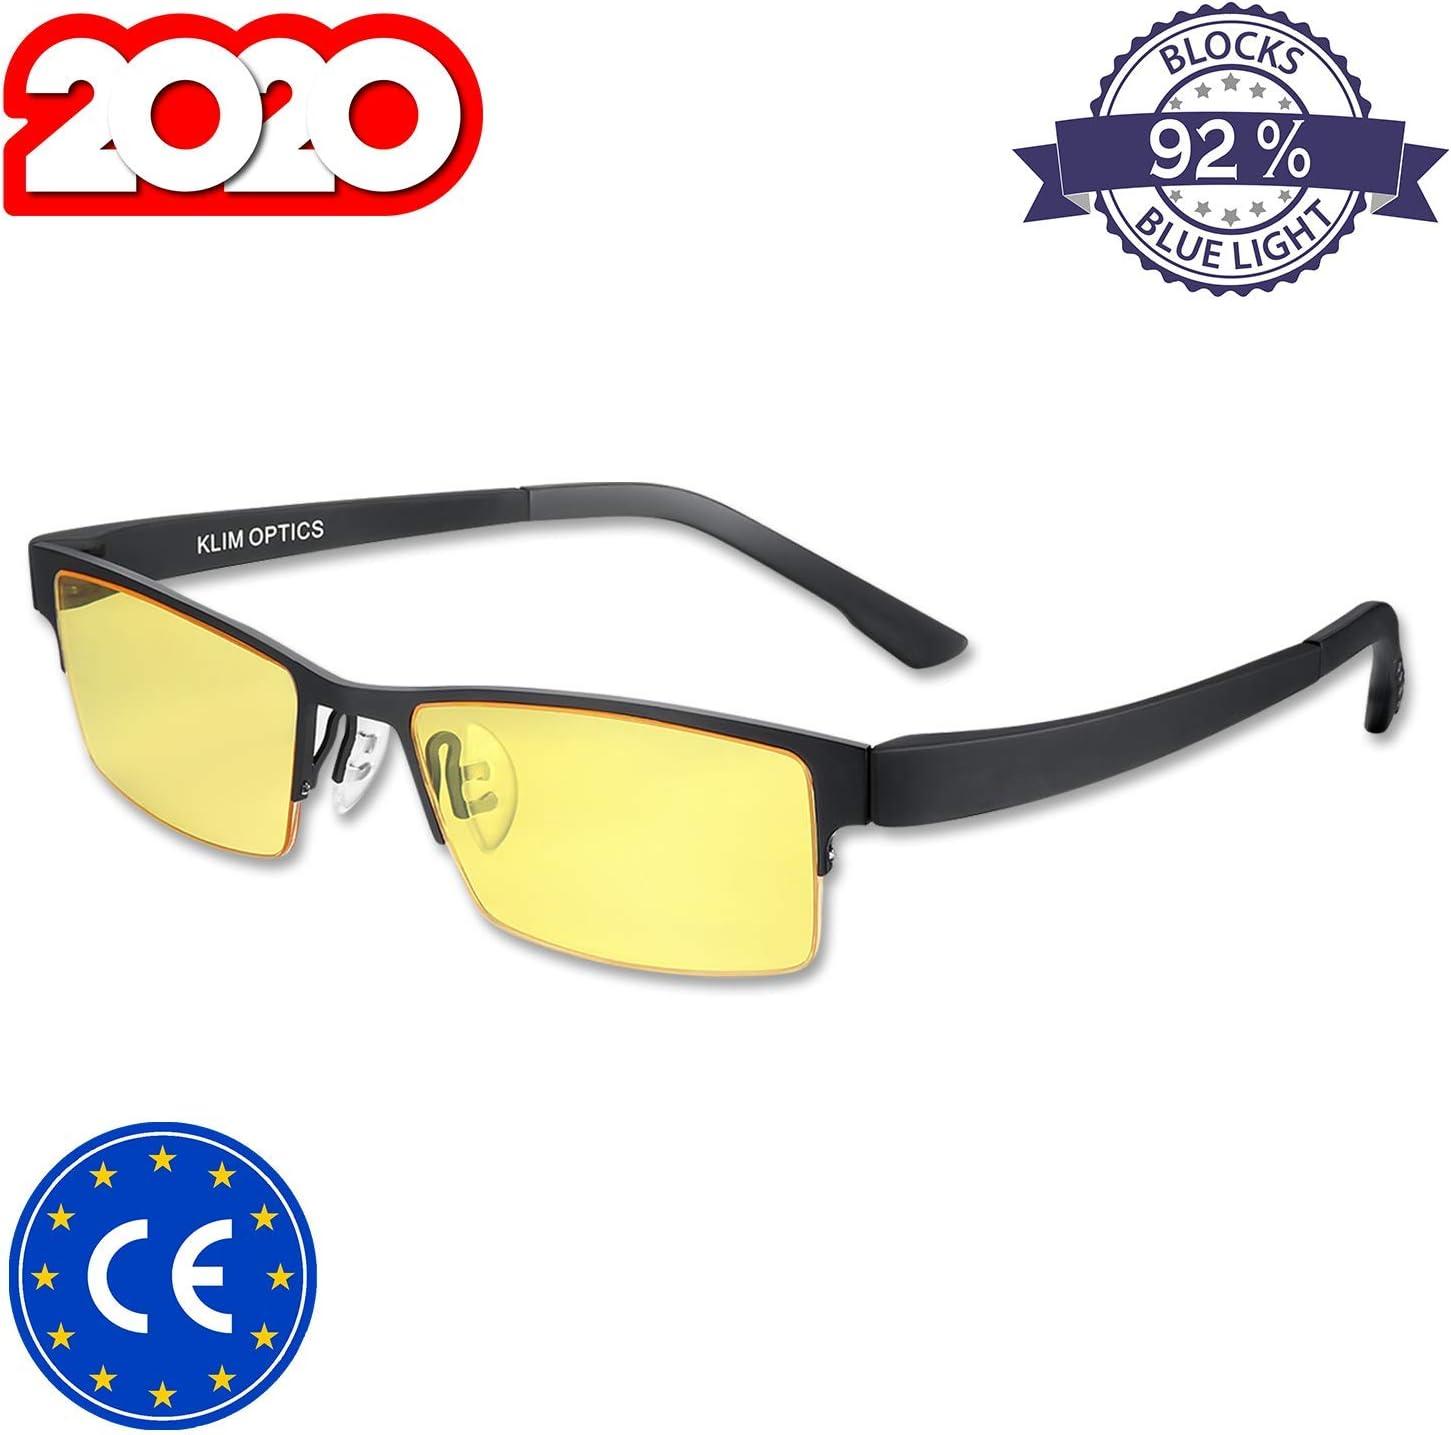 KLIM™ Optics - Gafas para Ordenador Anti luz Azul + Evita la Fatiga Ocular + Gafas Gaming para PC, Móvil TV, Tablet + Alta protección + Potente Filtro de luz Azul 92% + Anti UV + Nueva VERSIÓN 2019